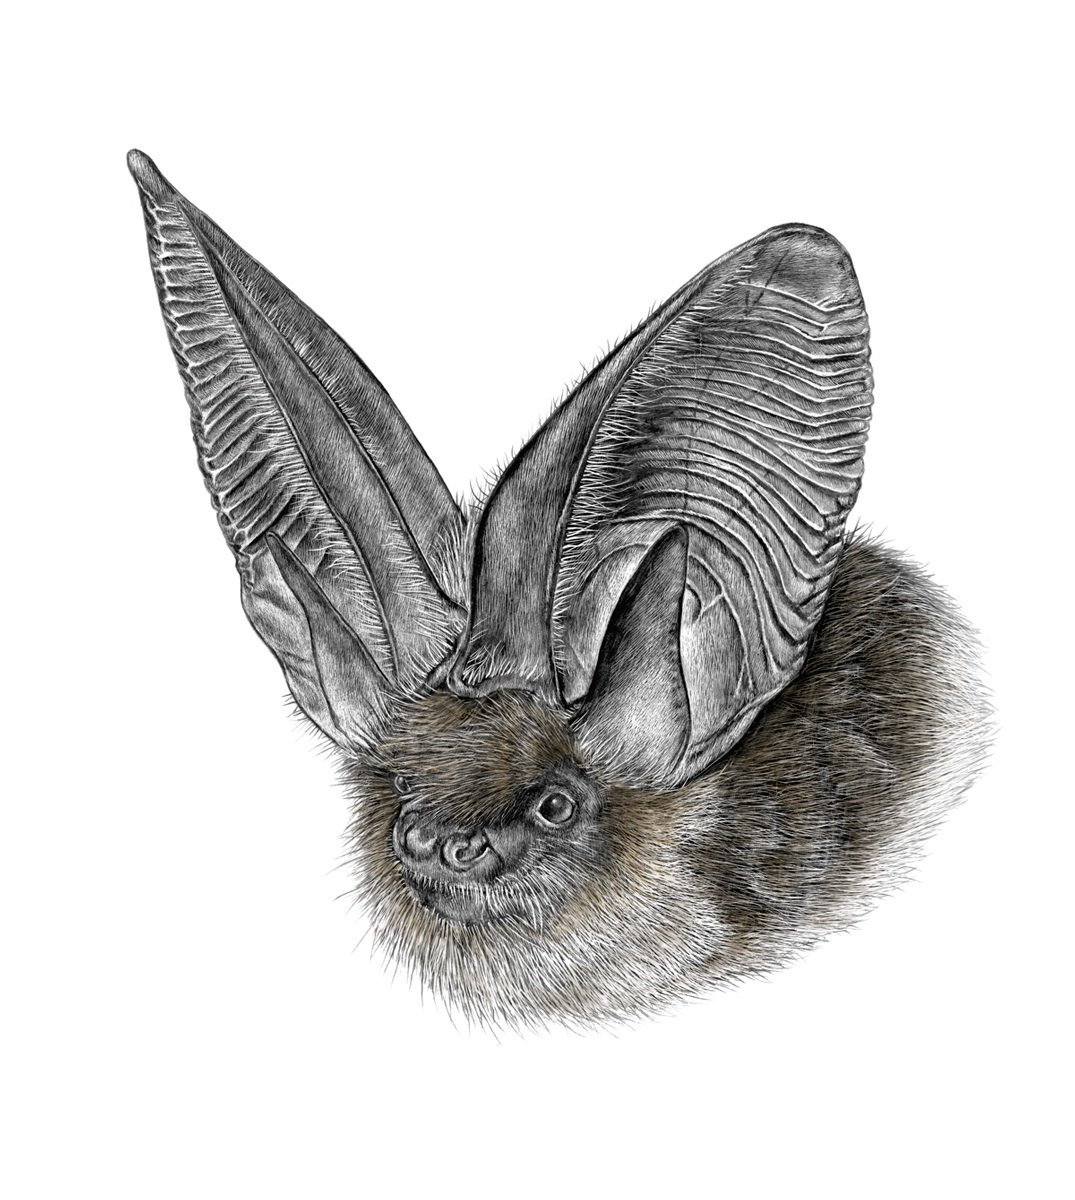 Morcego-orelhudo-cinzento. Ilustração: Lúcia Antunes